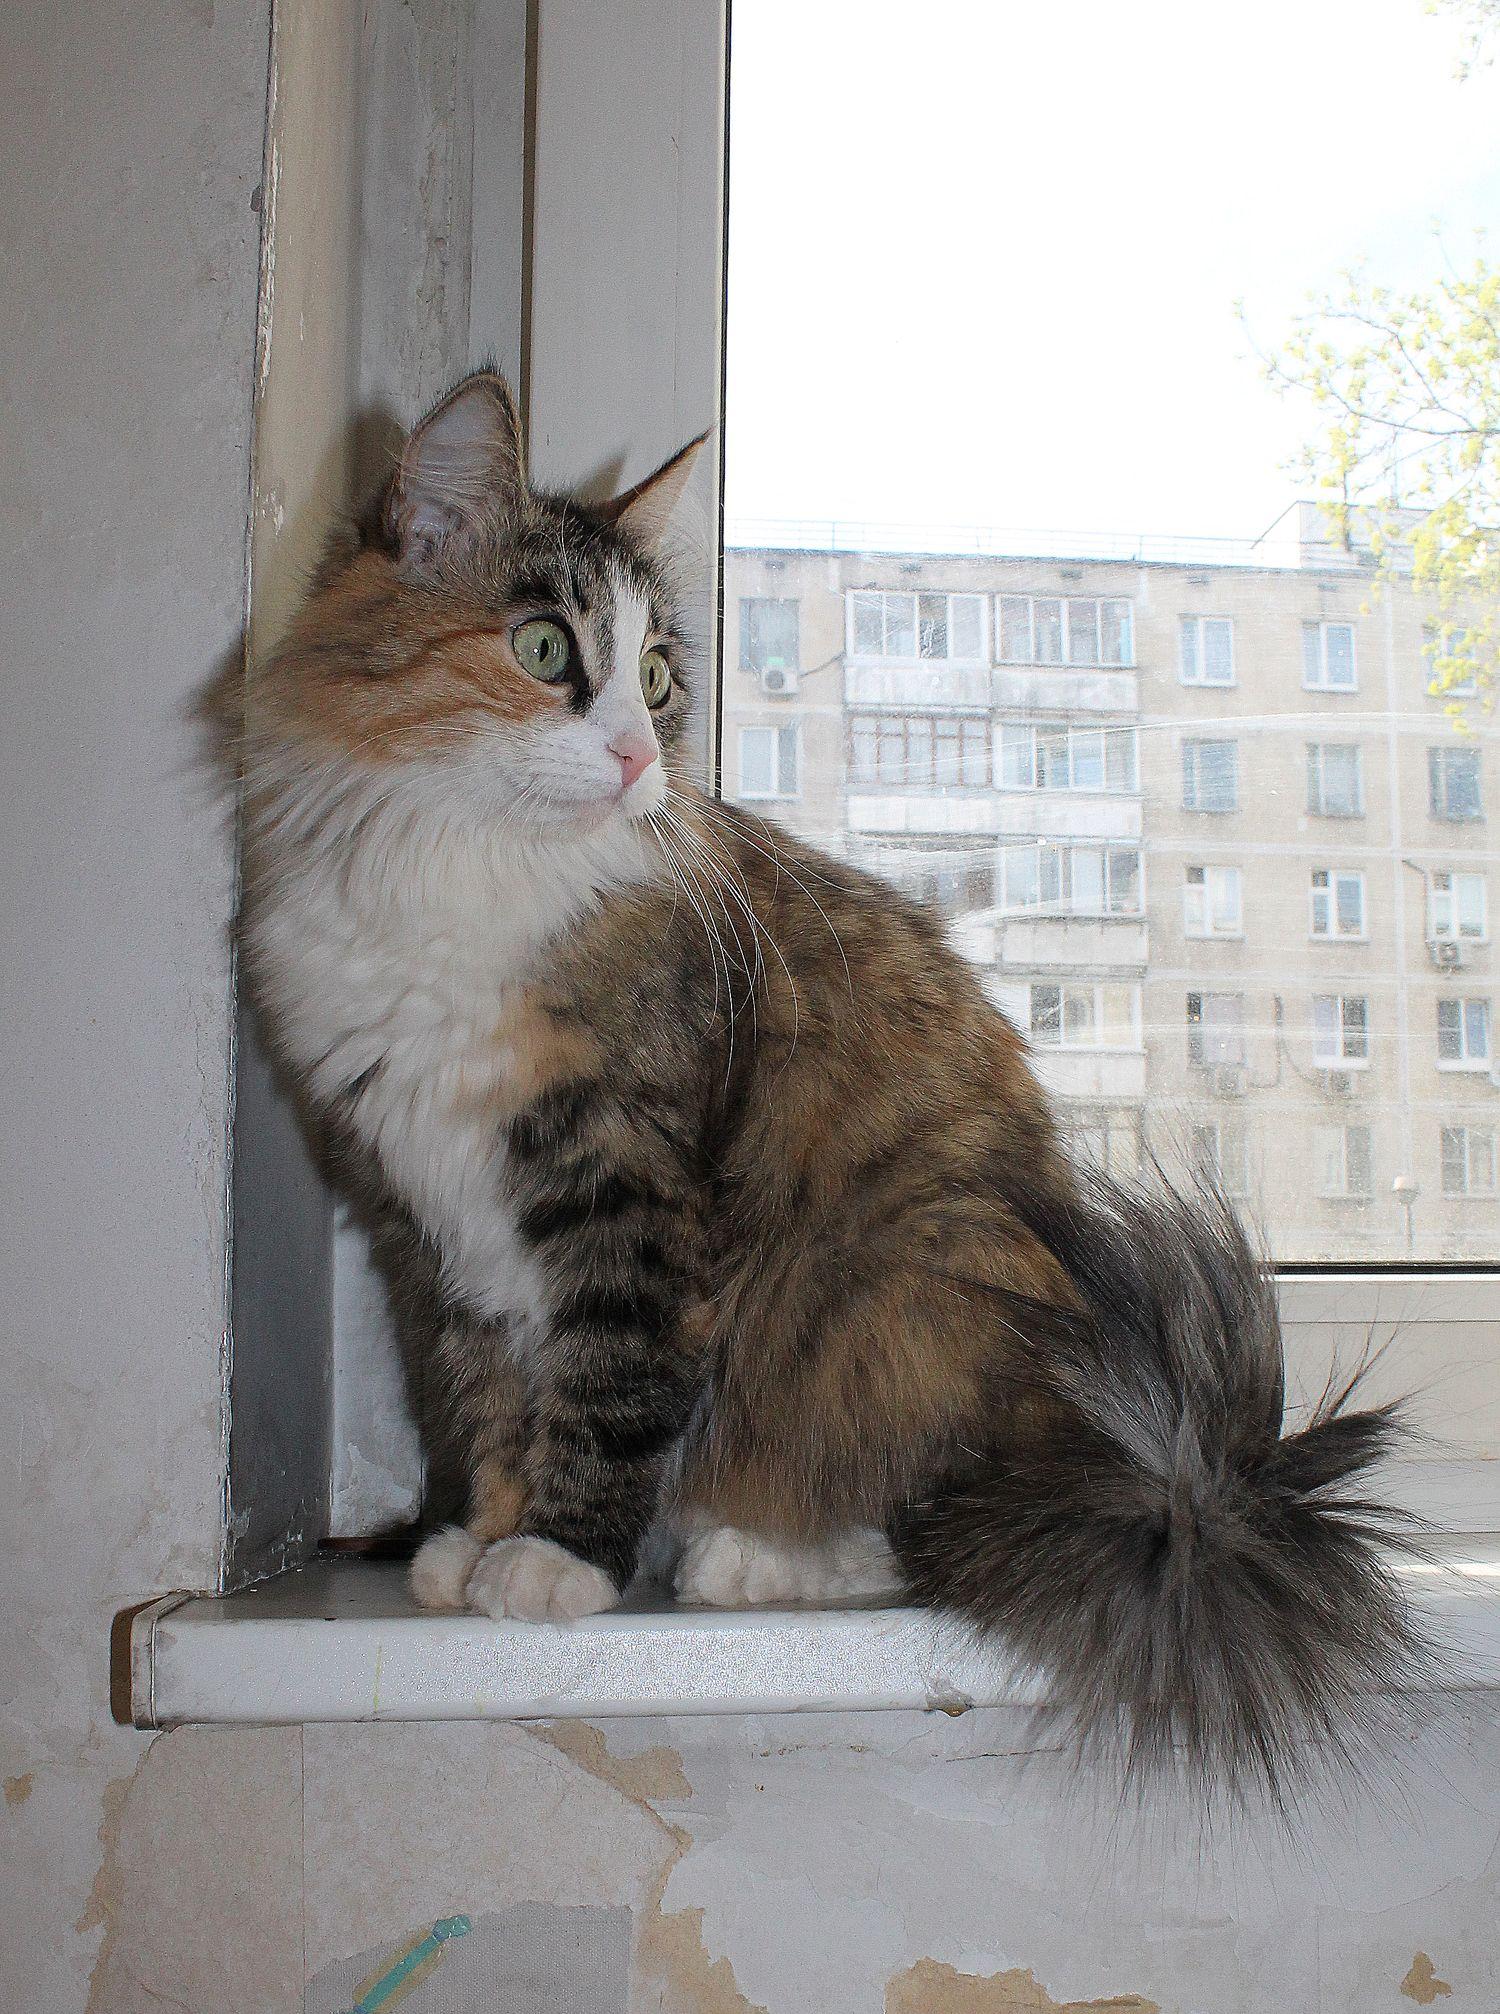 Pets Газета.Ру - Феня - забрать питомца из приюта 4bc28e9929581